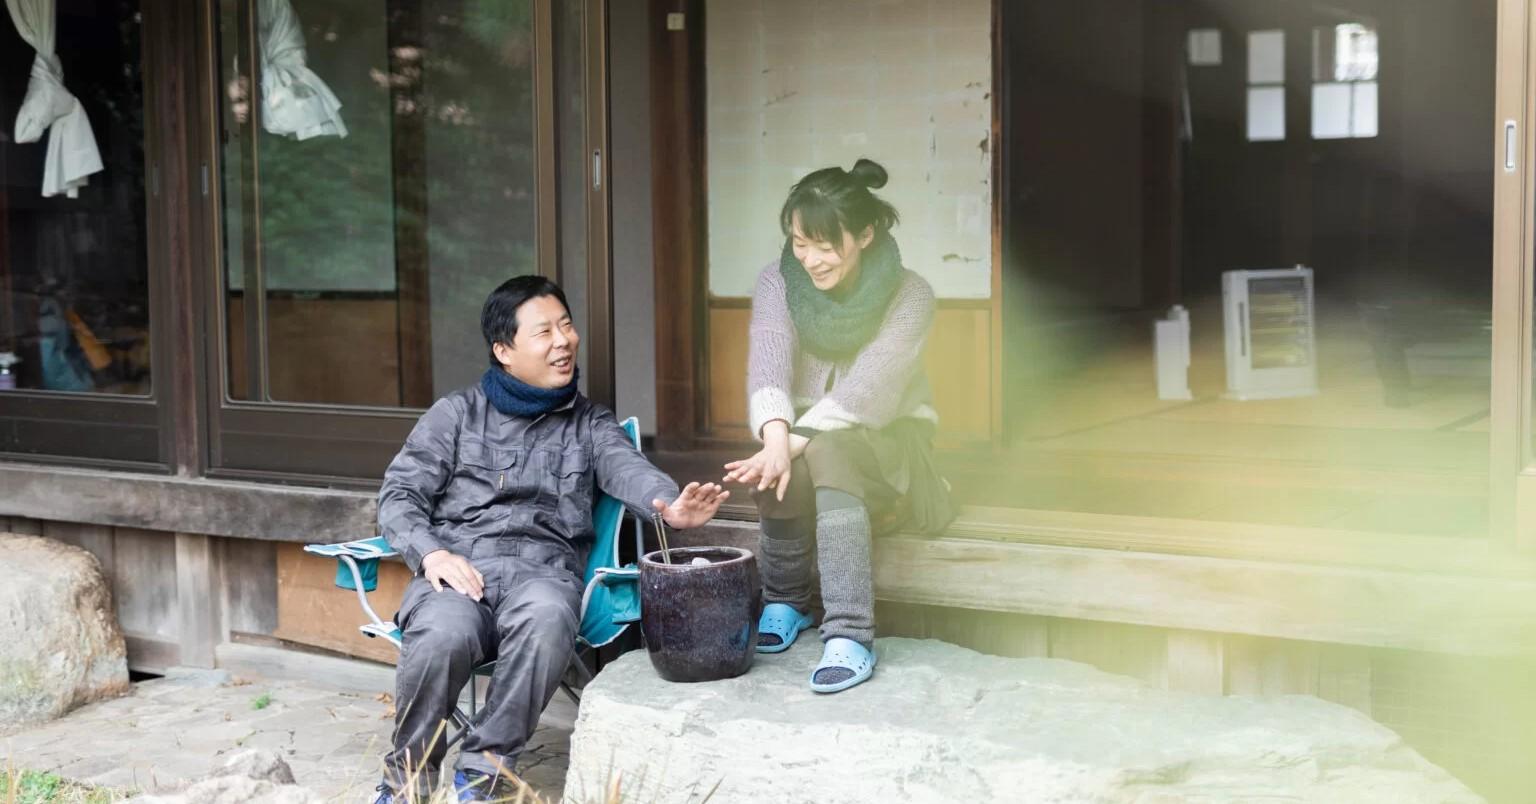 和歌山市出身の愛さんと、大阪市出身の忠昭さん。